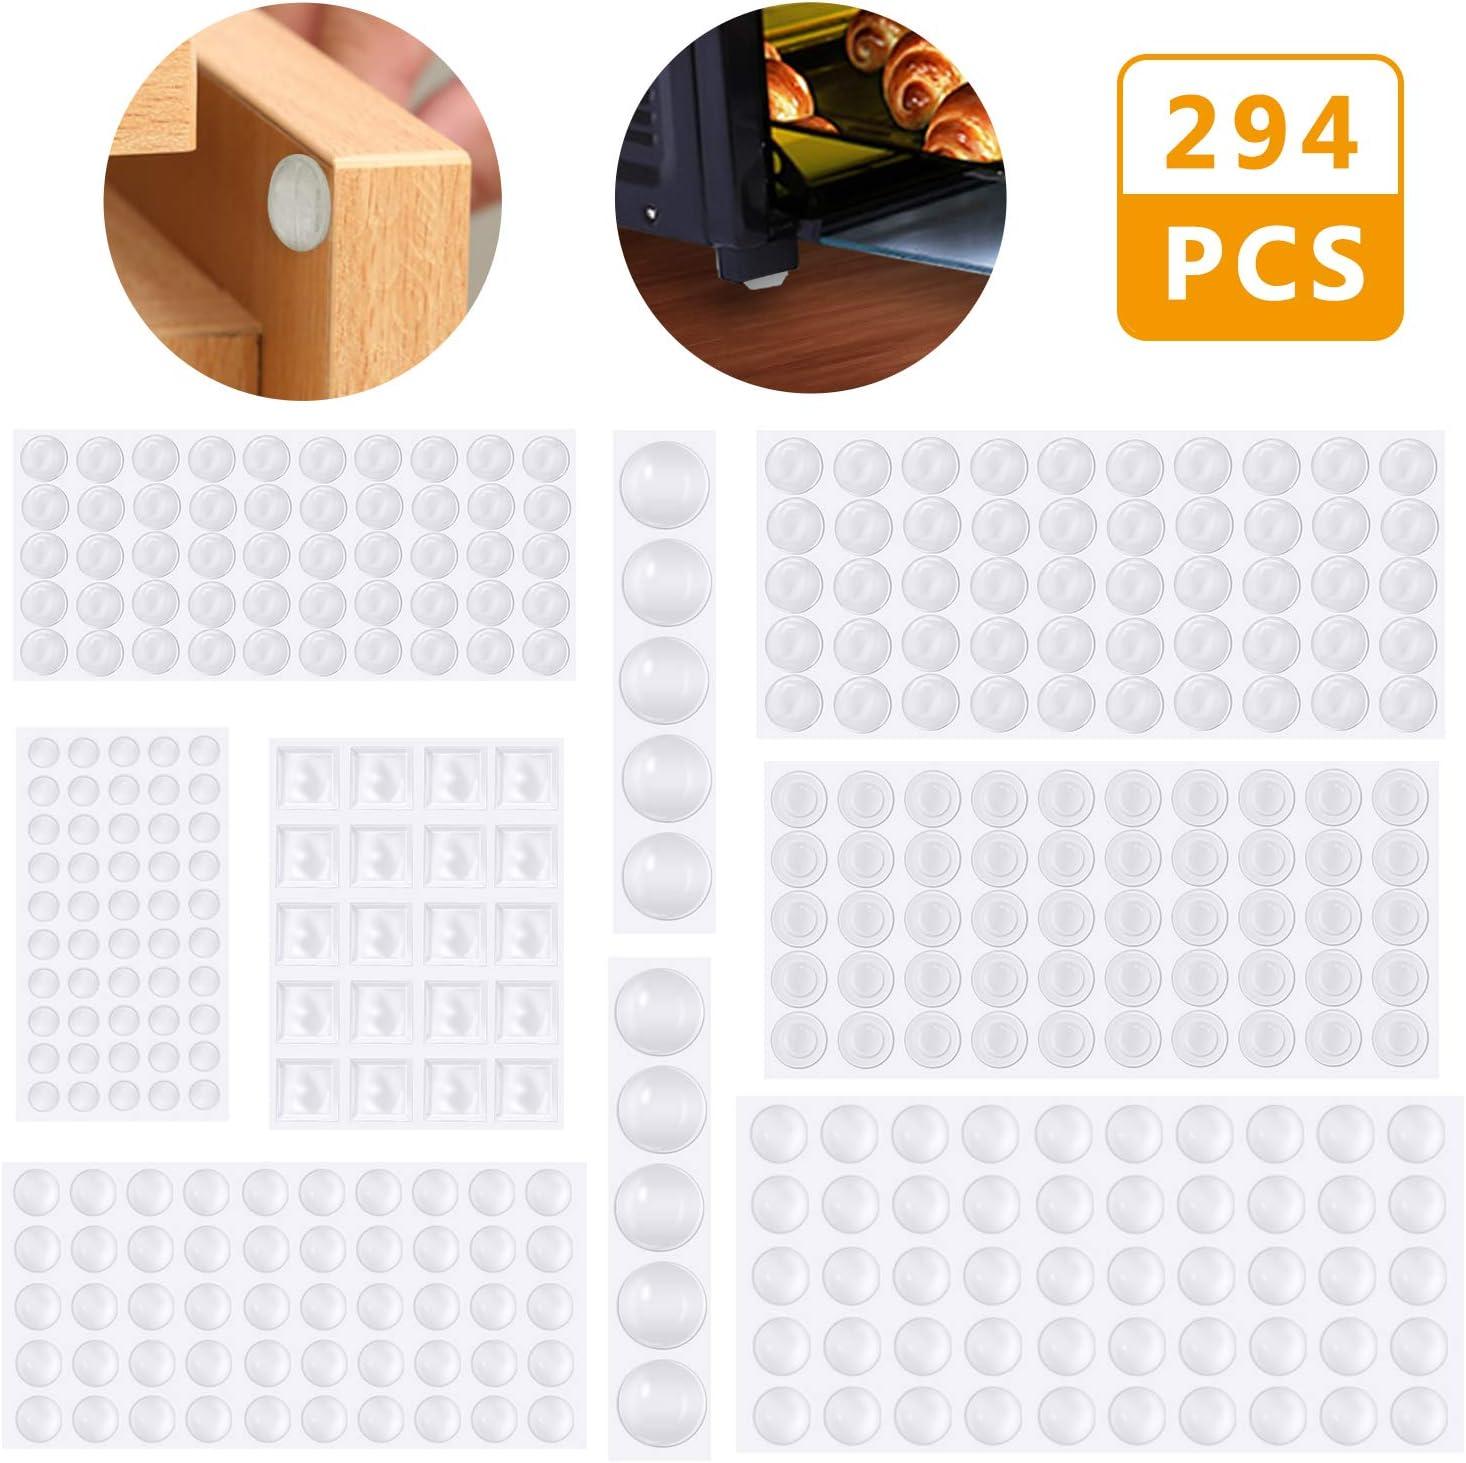 Lagrimas Silicona,Emooqi 294 Piezas Pies de Goma Transparentes,Gotas Silicona Adhesivas,Almohadilla Autoadhesiva,Amortiguación de Ruido,protector antigolpes,búfer muebles,8 Tamaños